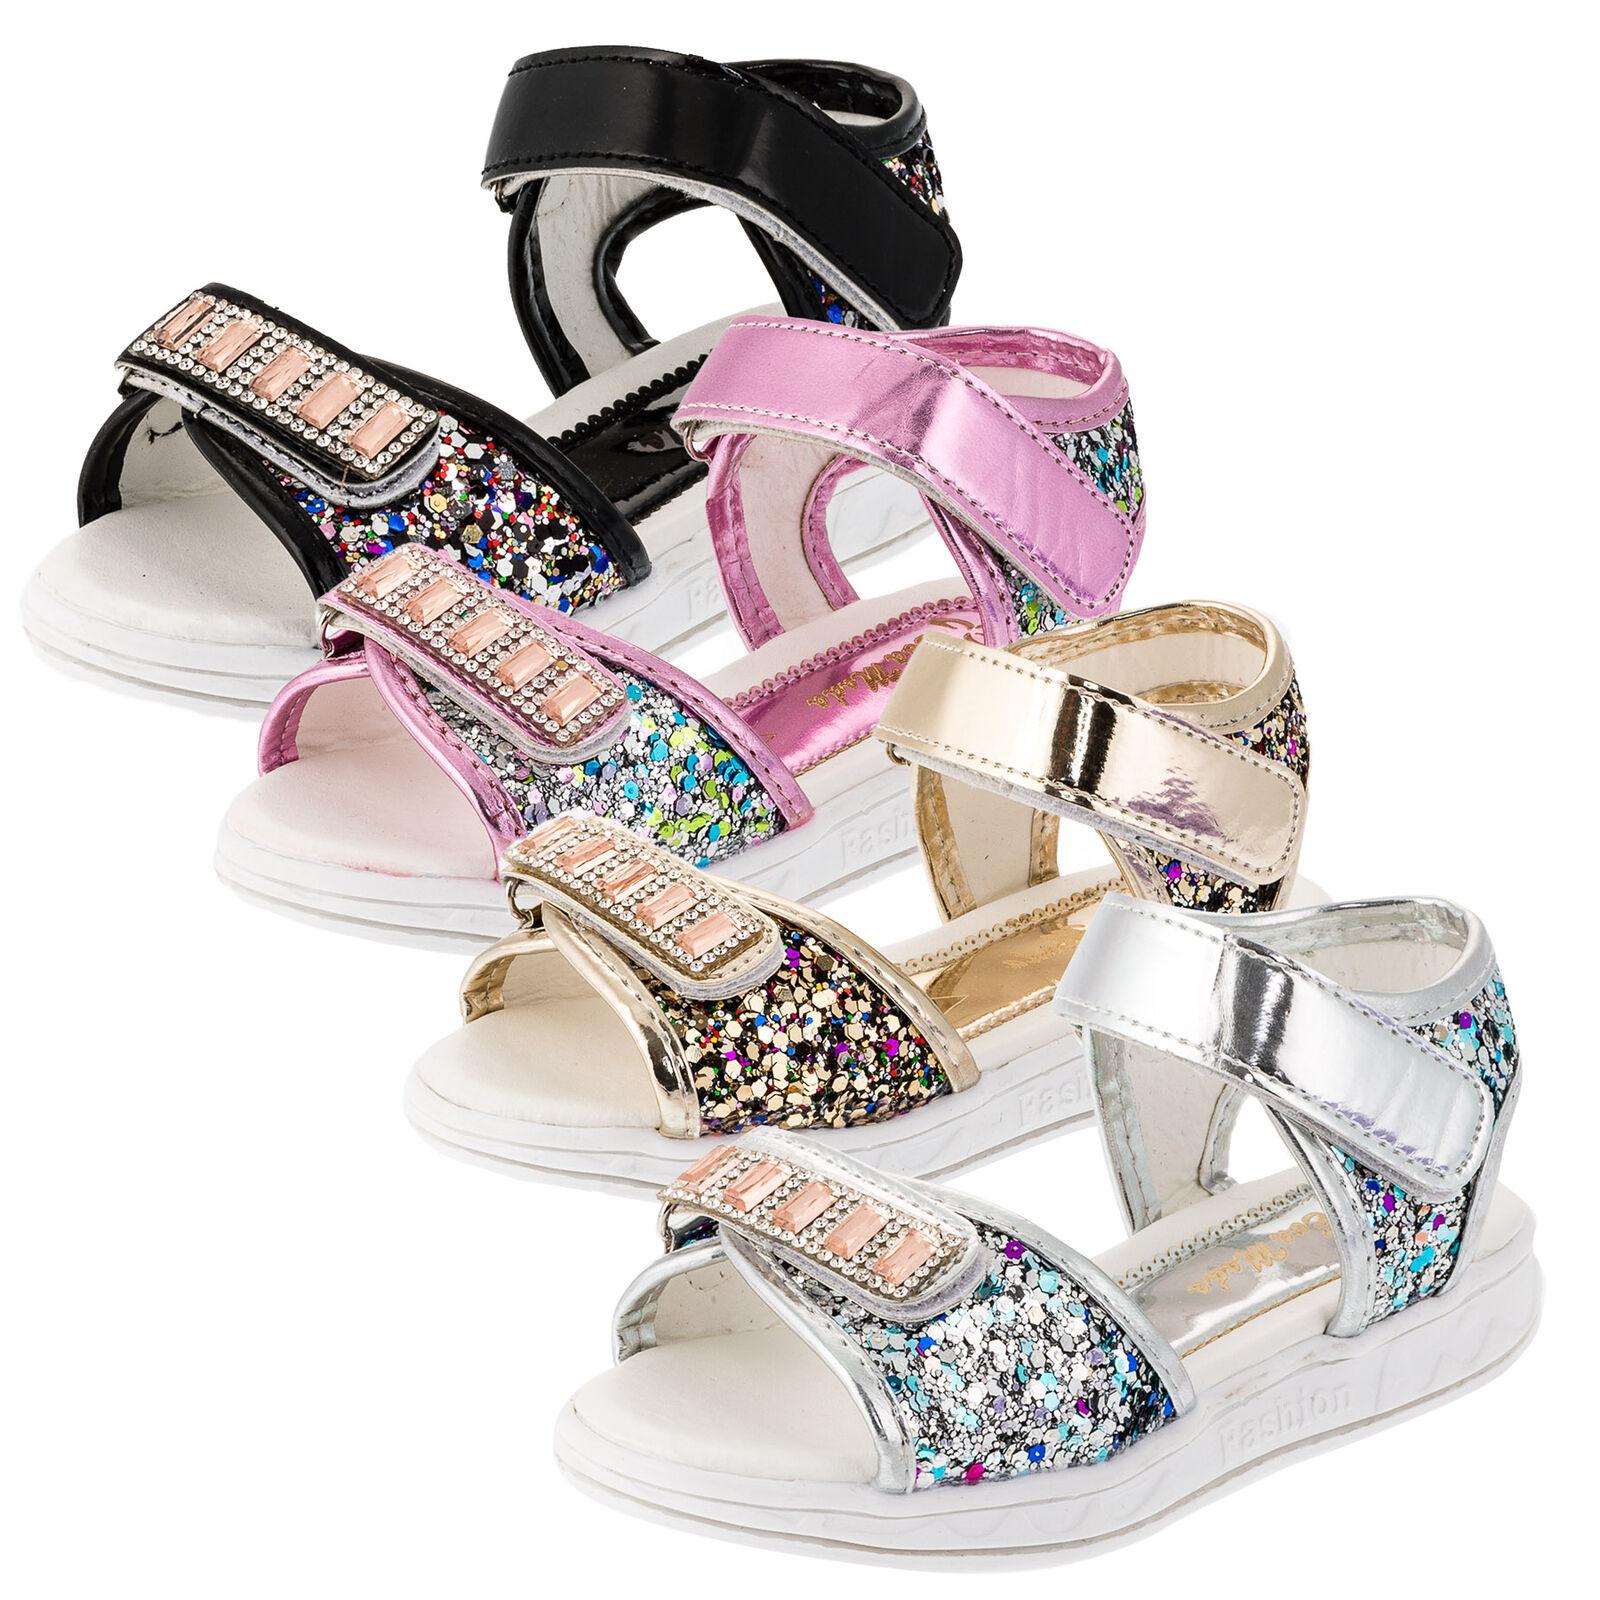 Trendige Mädchen Sandalen Sandaletten Kinder Schuhe Hochzeit Freizeit Neu